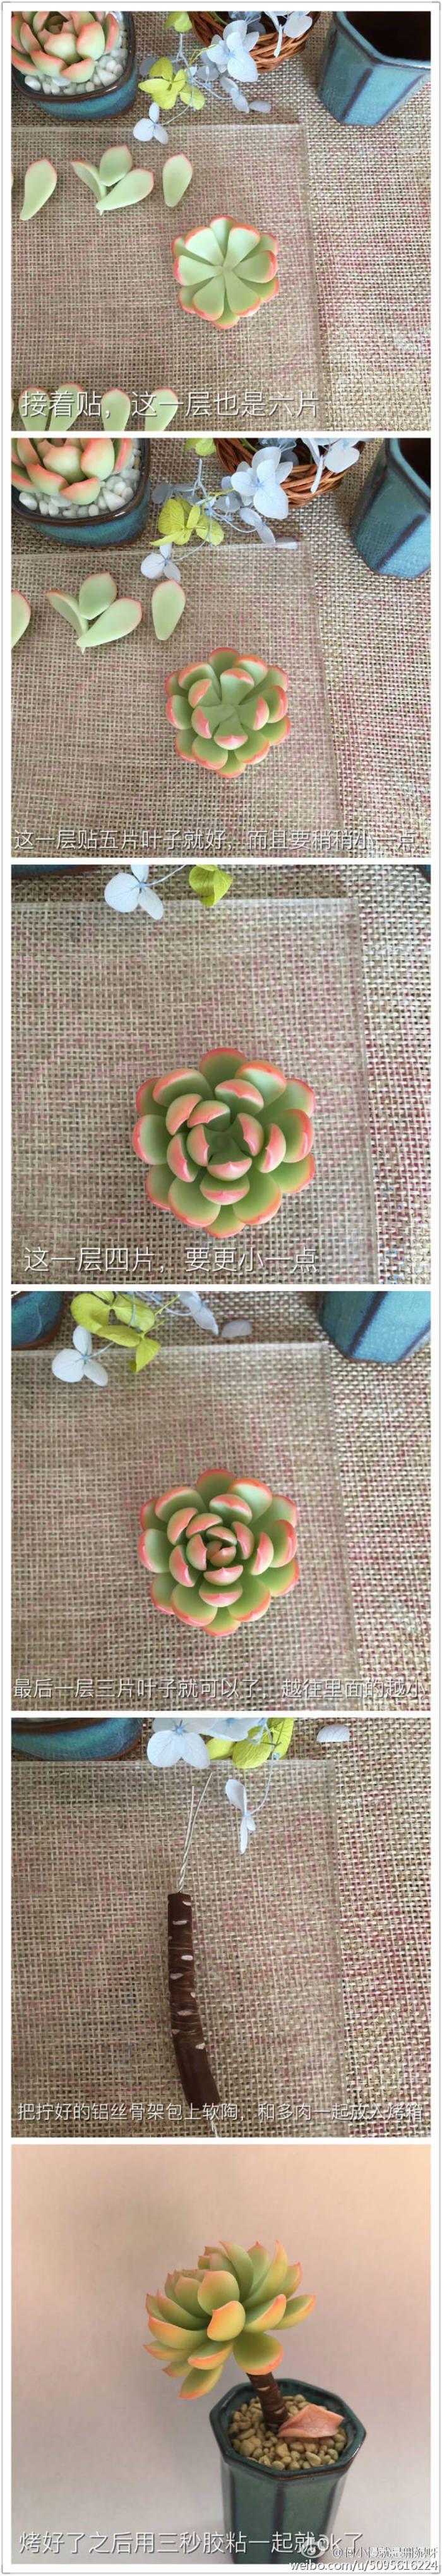 软陶多肉植物教程(二) @何小慢-堆糖,美好生活研究所